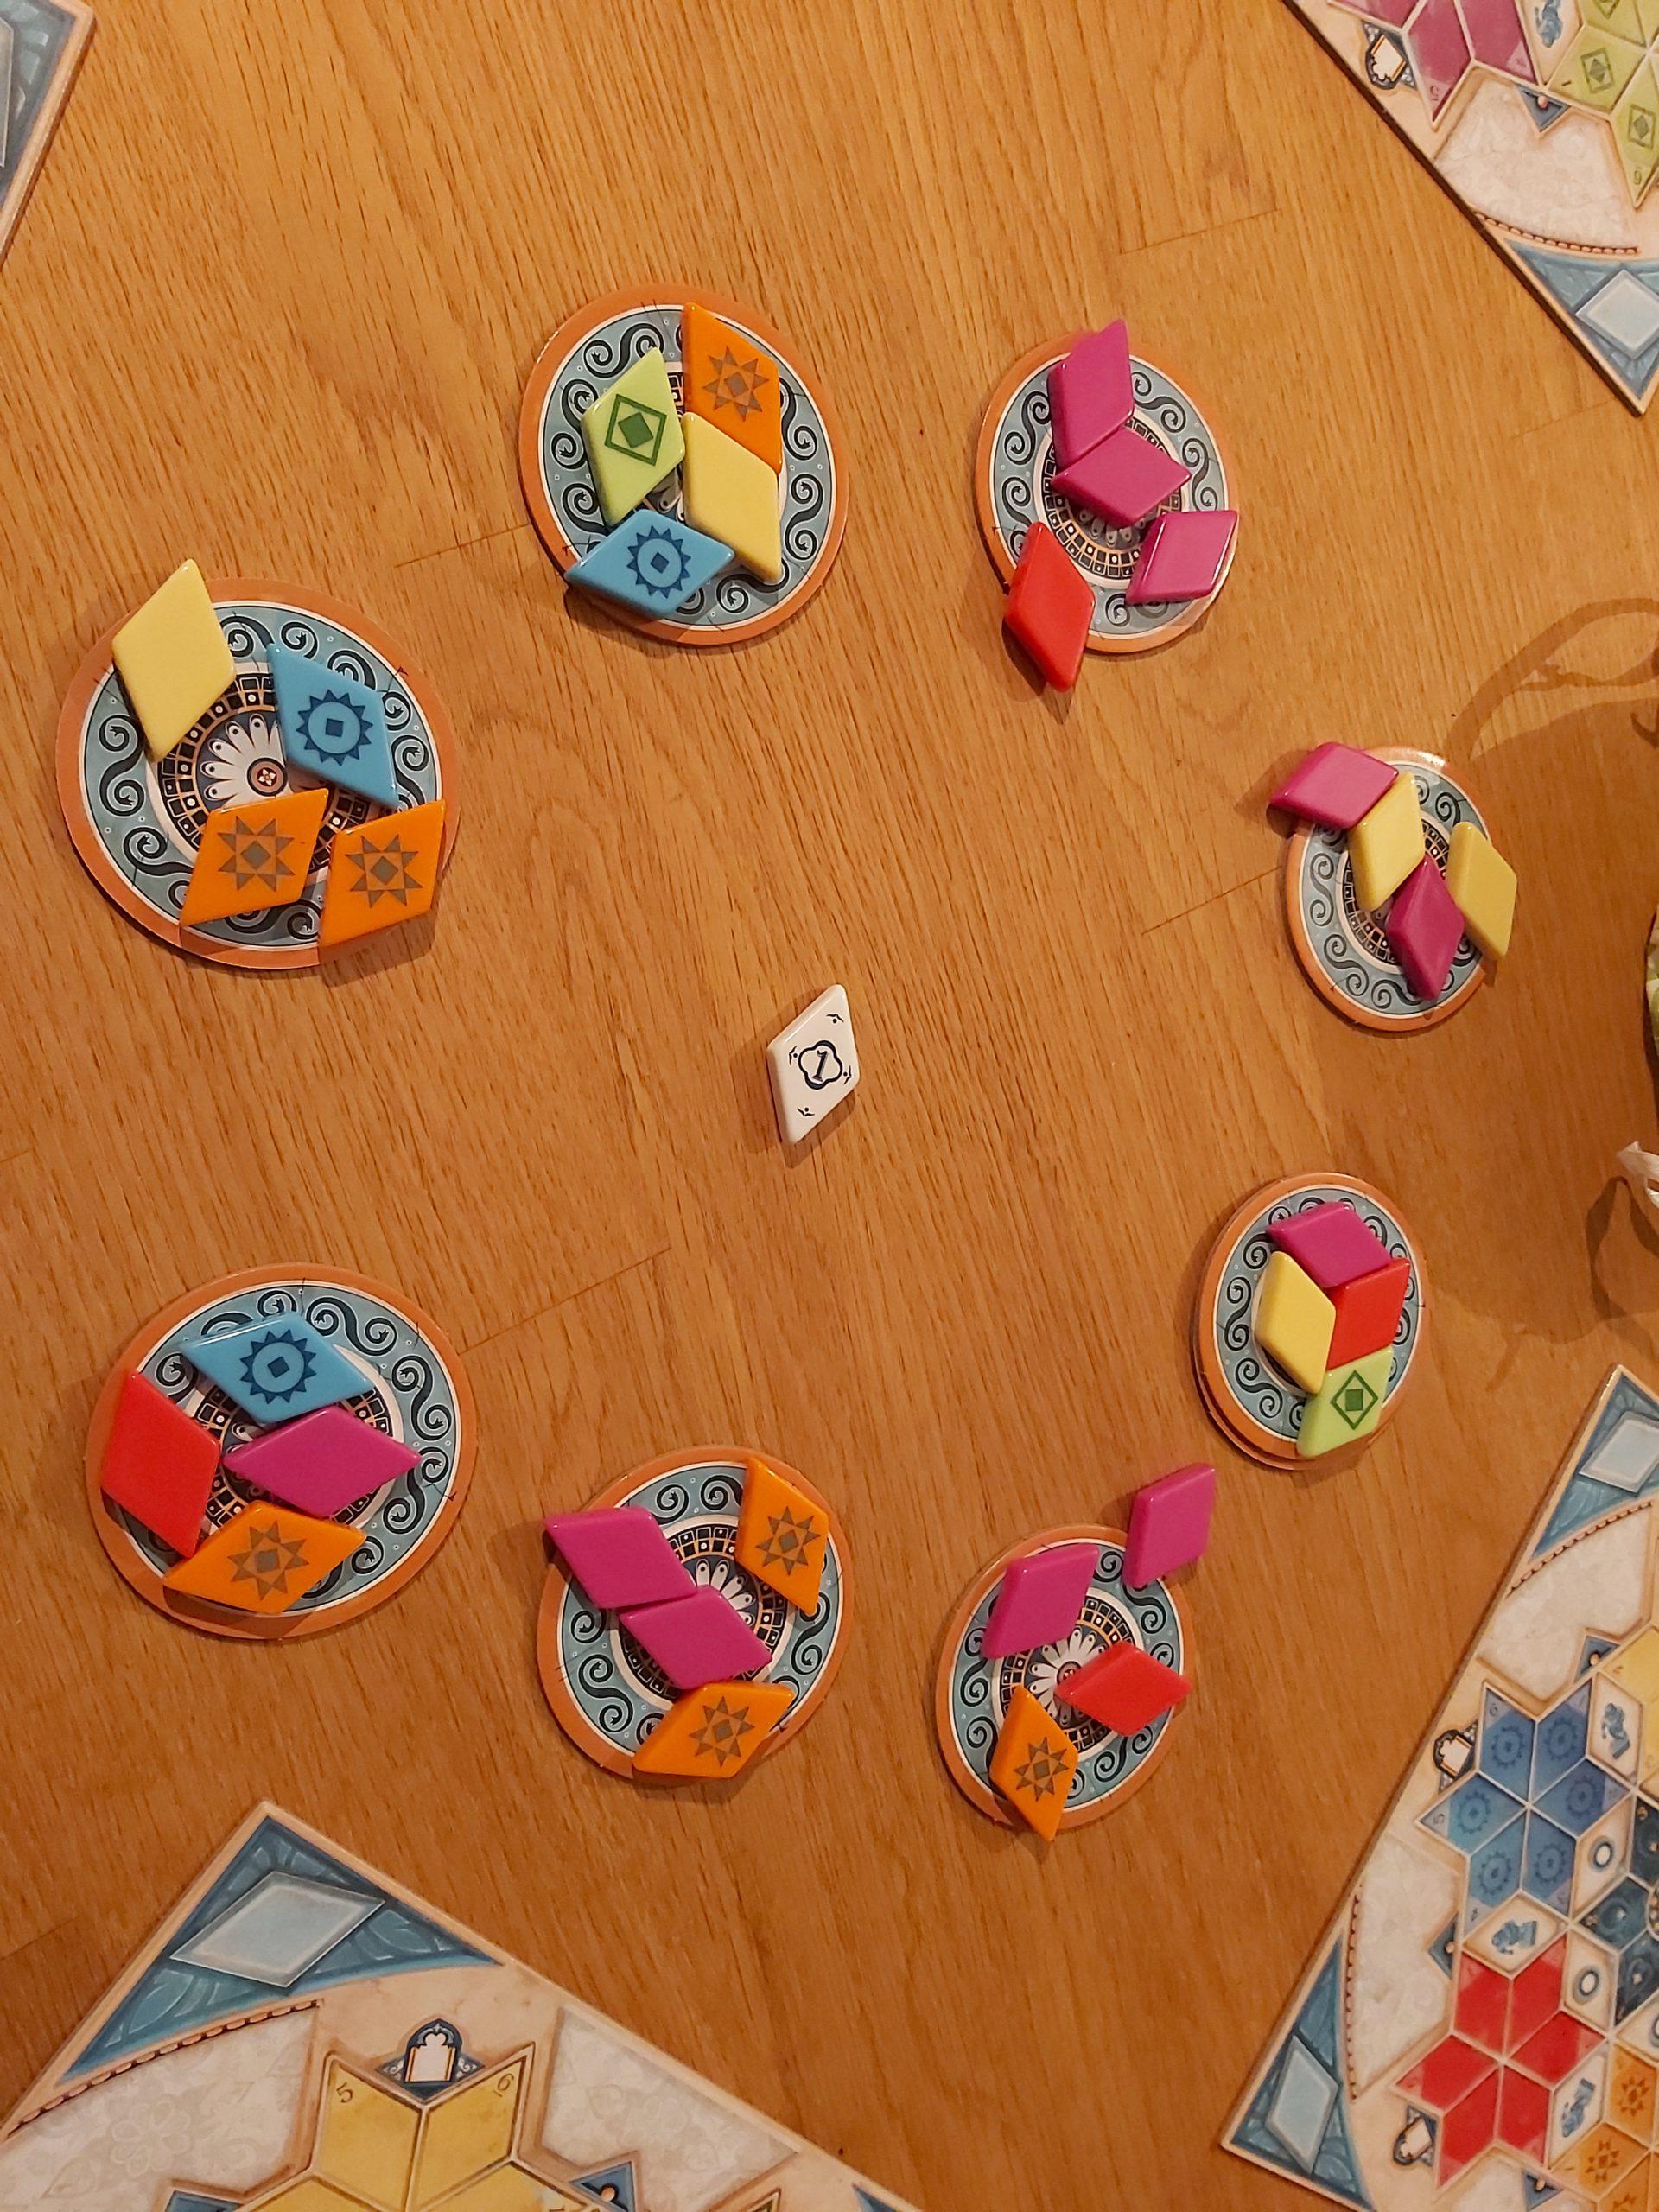 Zu sehen sind die Manufakturplättchen von Azul, auf denen Fliesen liegen.